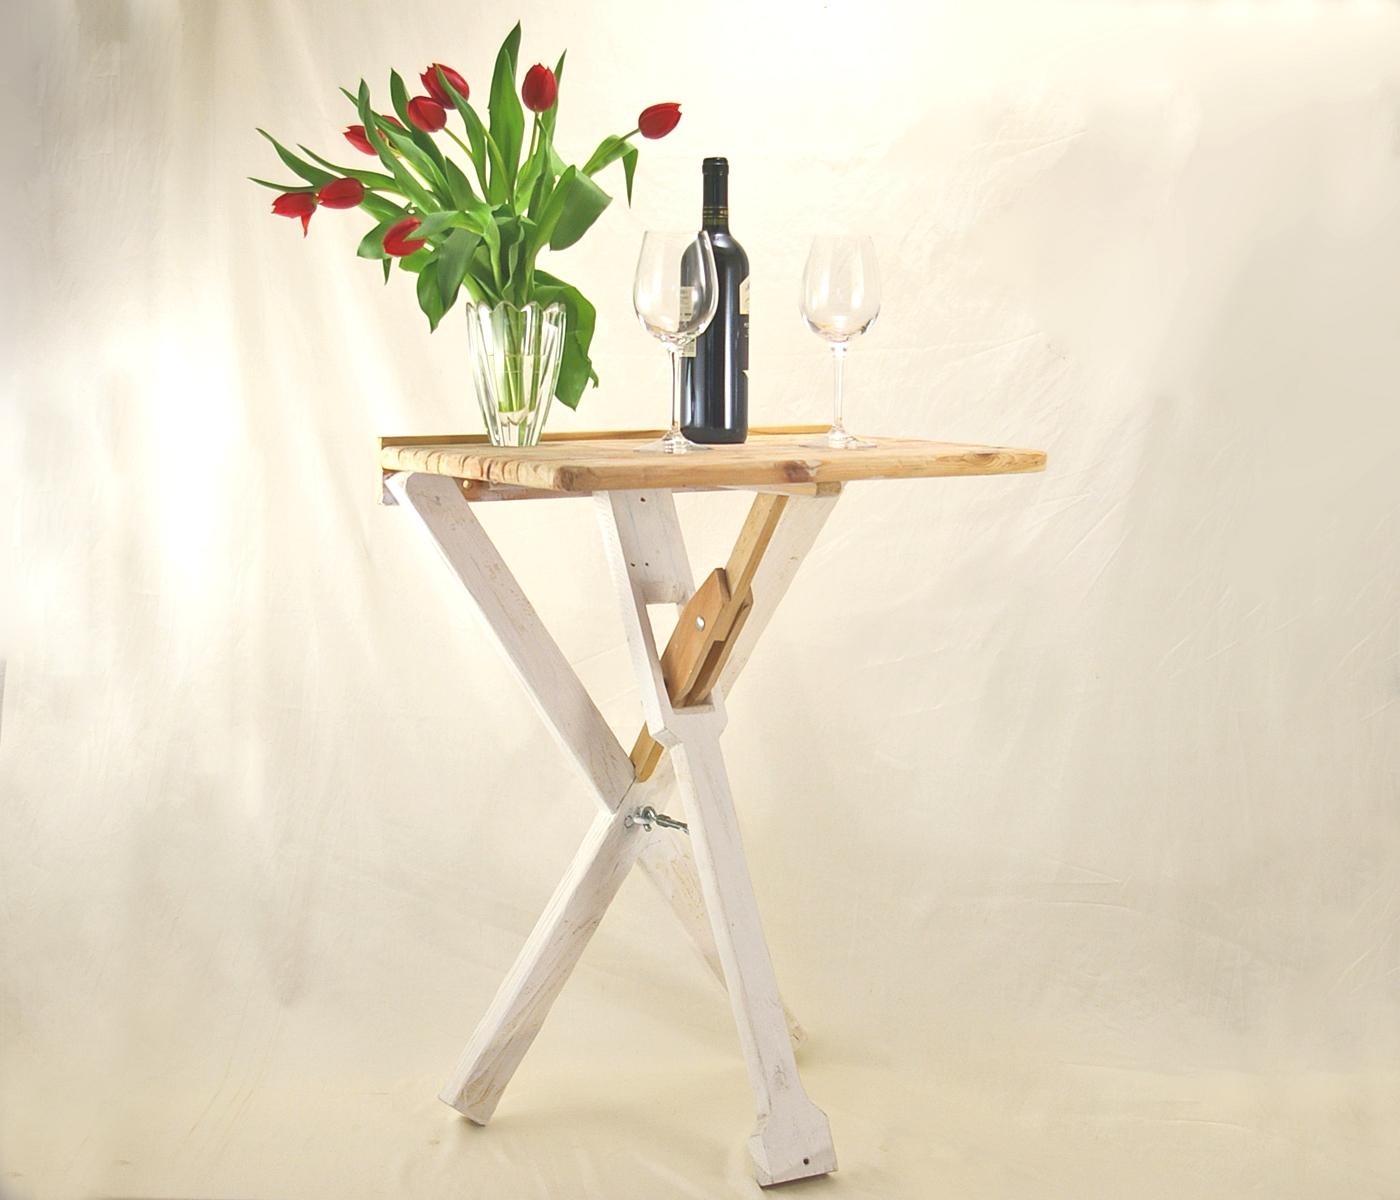 upcyclingmöbel, tisch, kleiner tisch, nachhaltige möbel, schlueterhomedesign